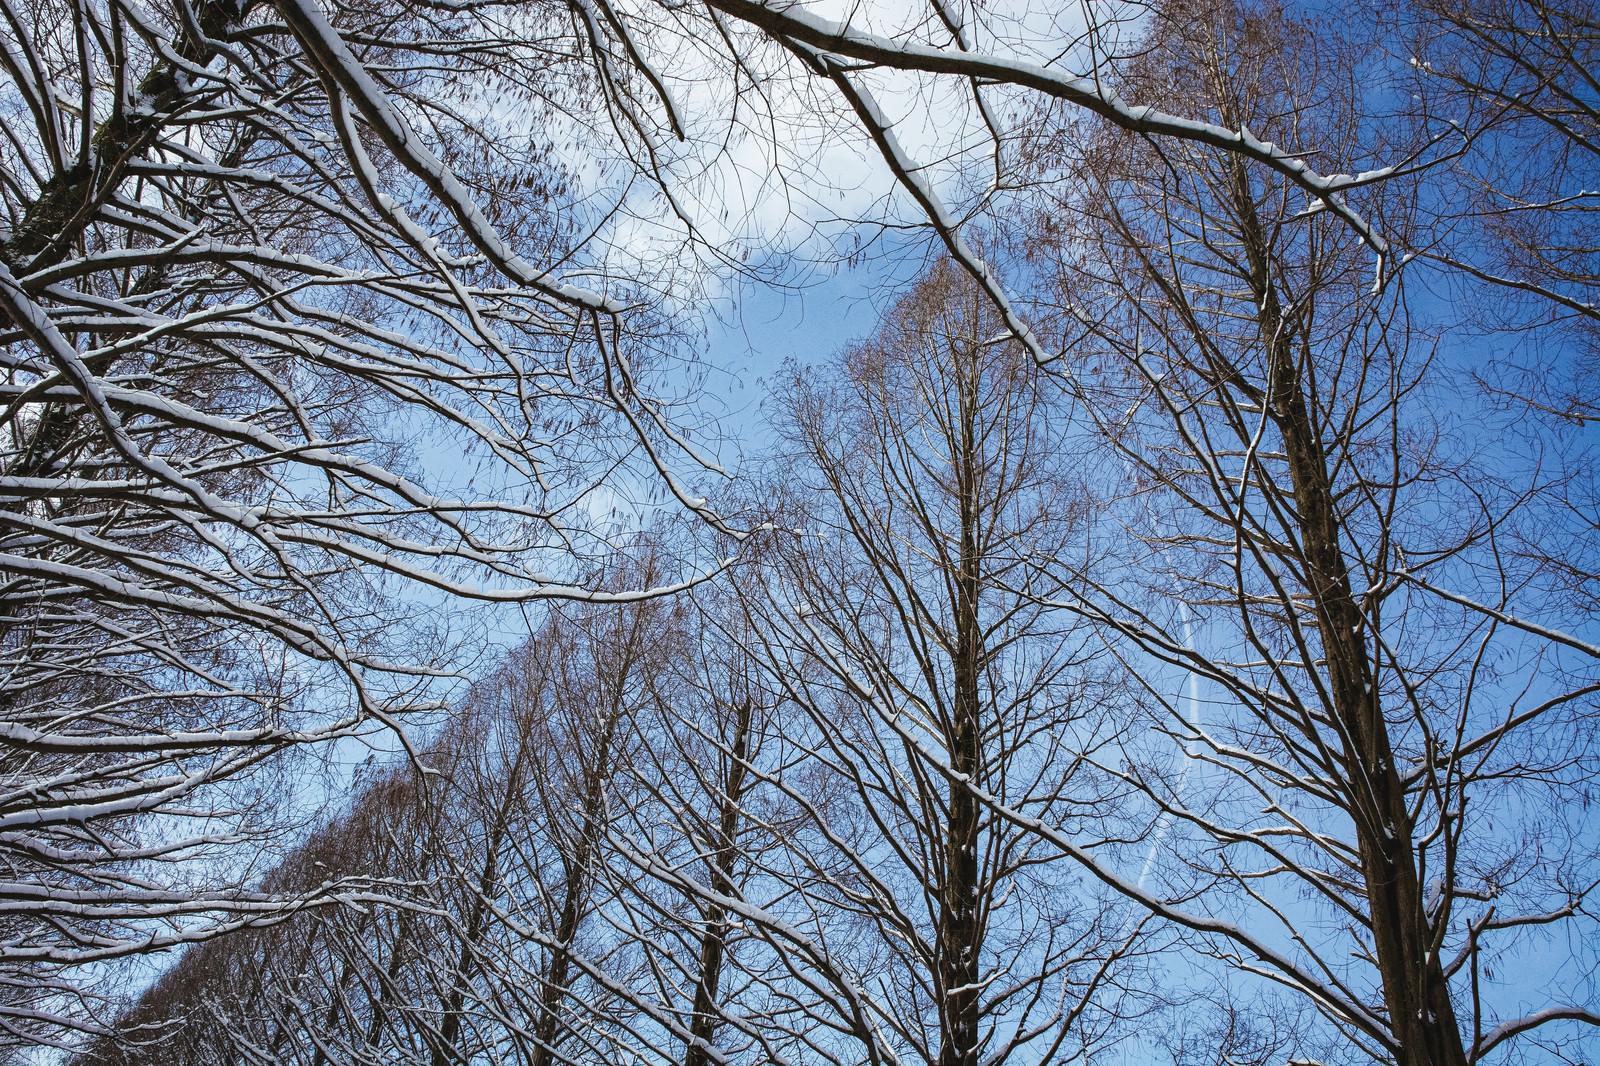 「着雪したメタセコイア越しに見える青空(滋賀県高島市マキノ町)」の写真